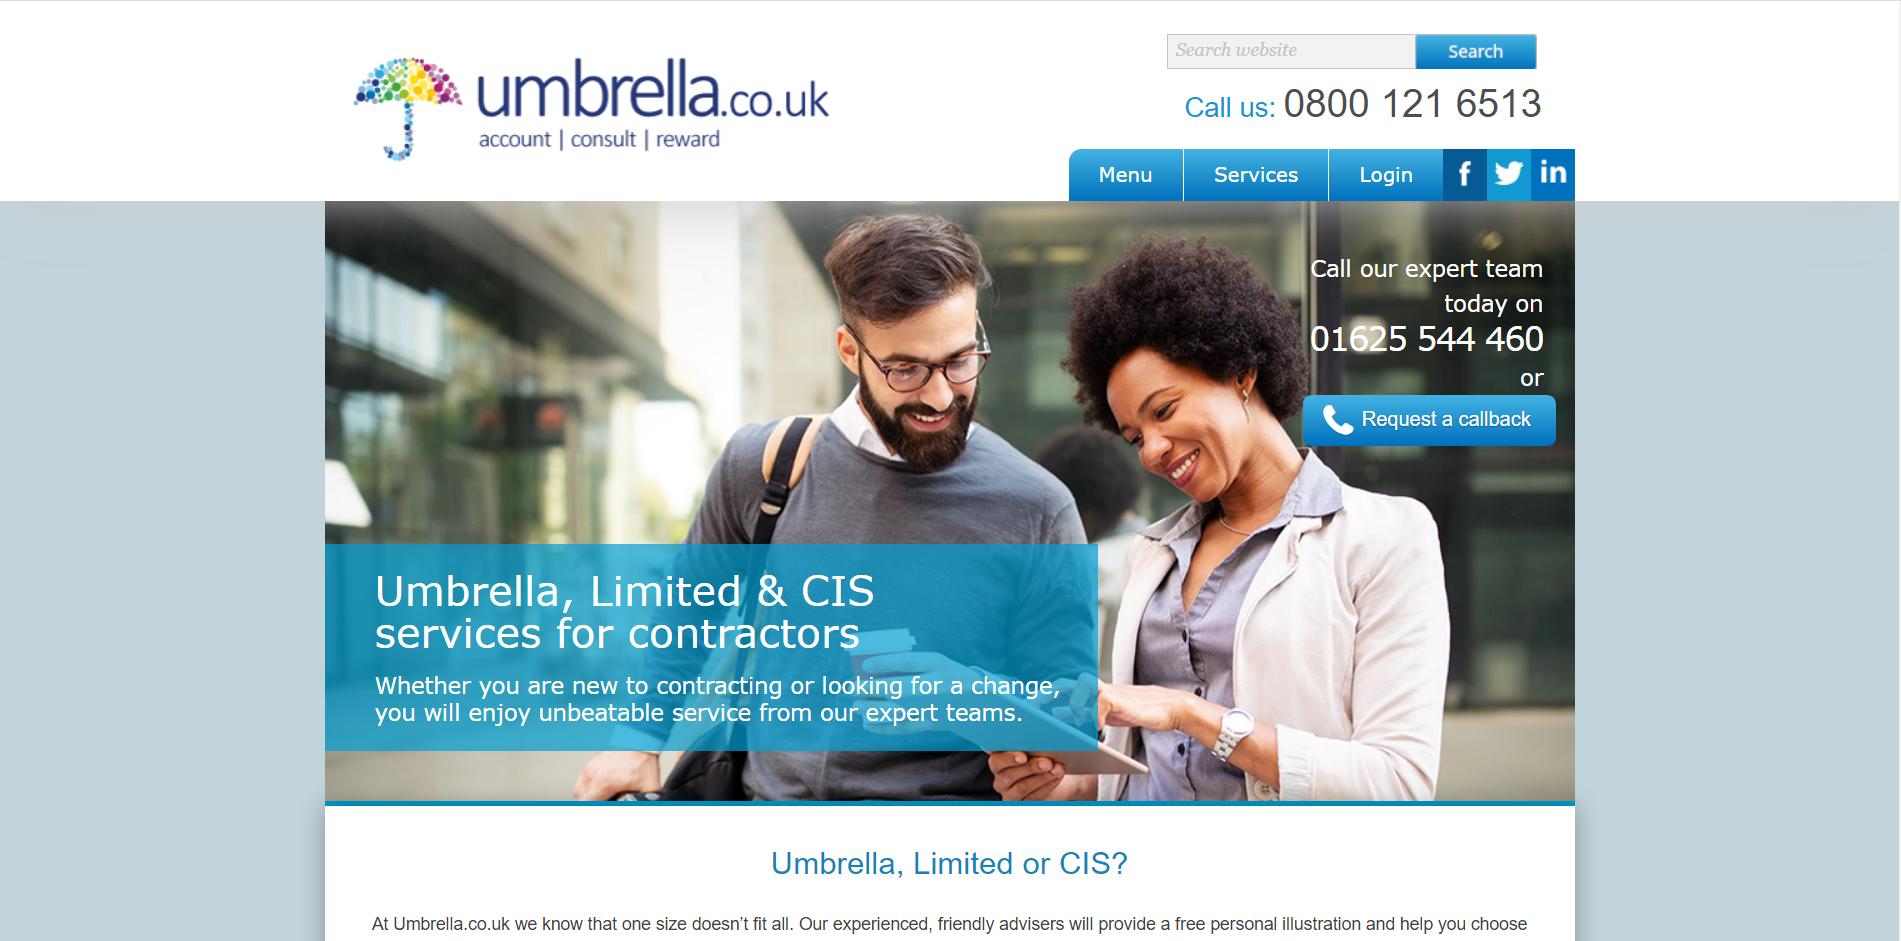 Umbrella UK